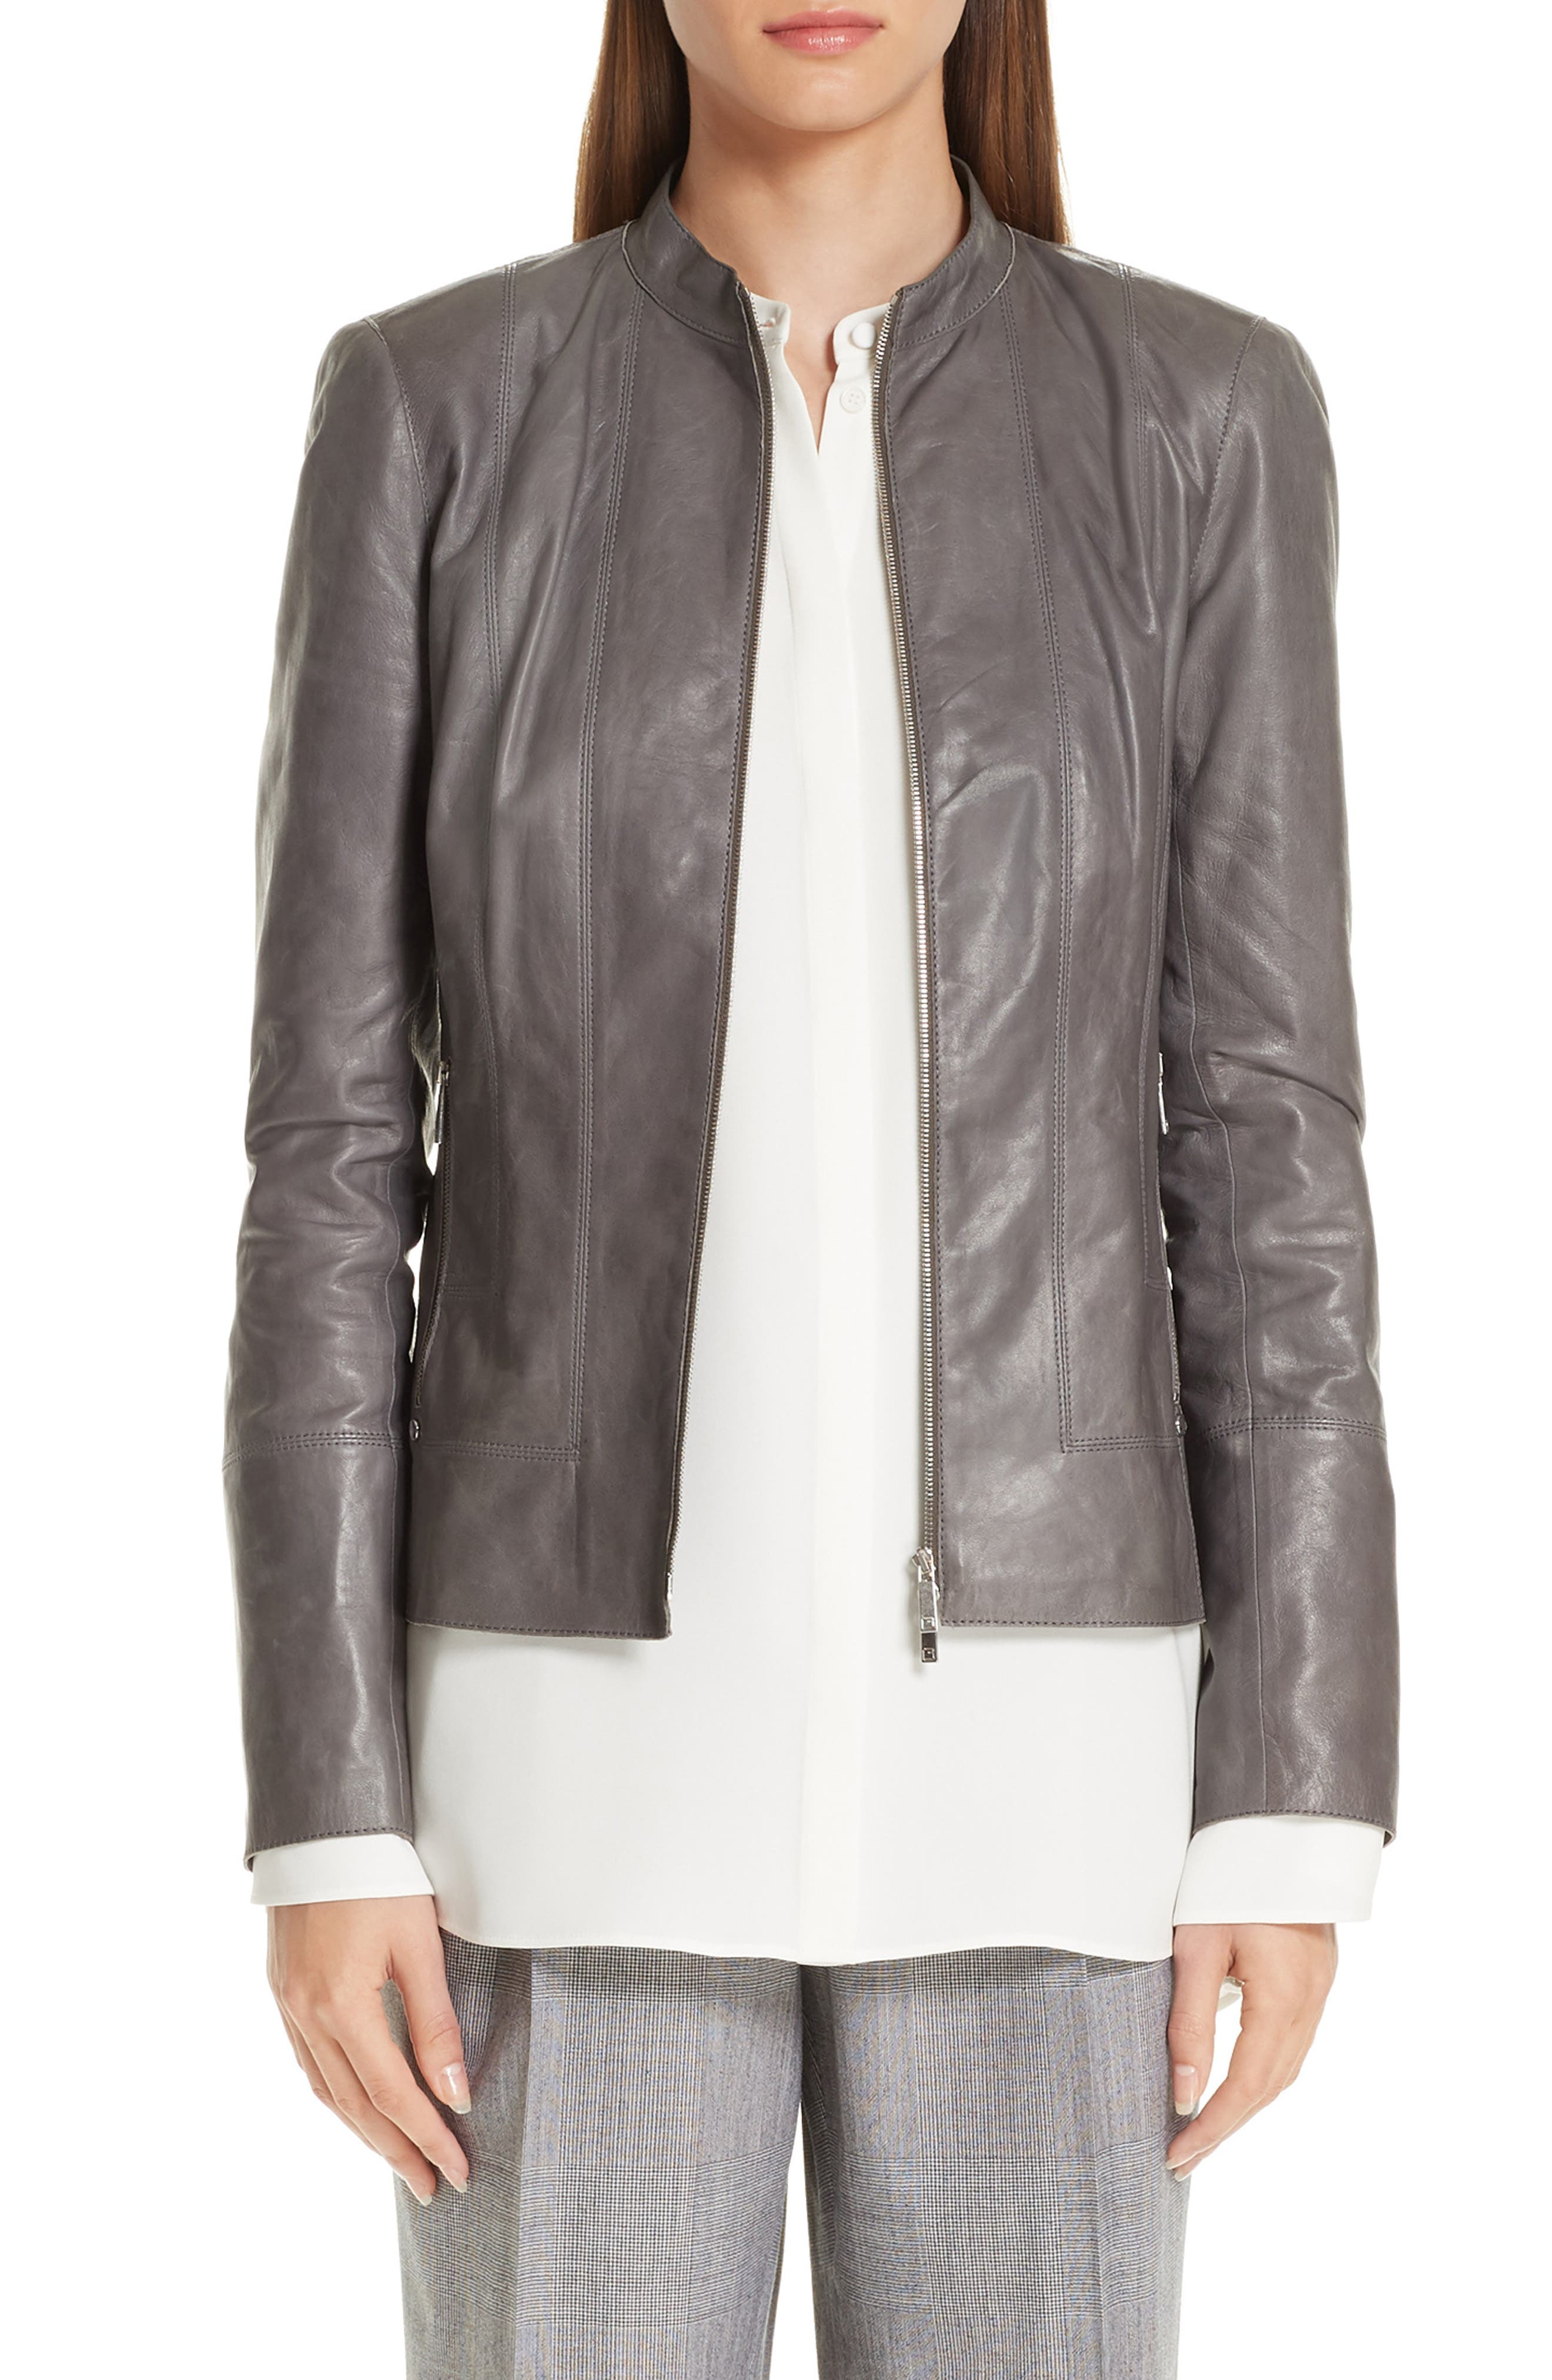 LAFAYETTE 148 Sadie Zip-Front Glazed Lightweight Lambskin Leather Jacket in Deep Rock